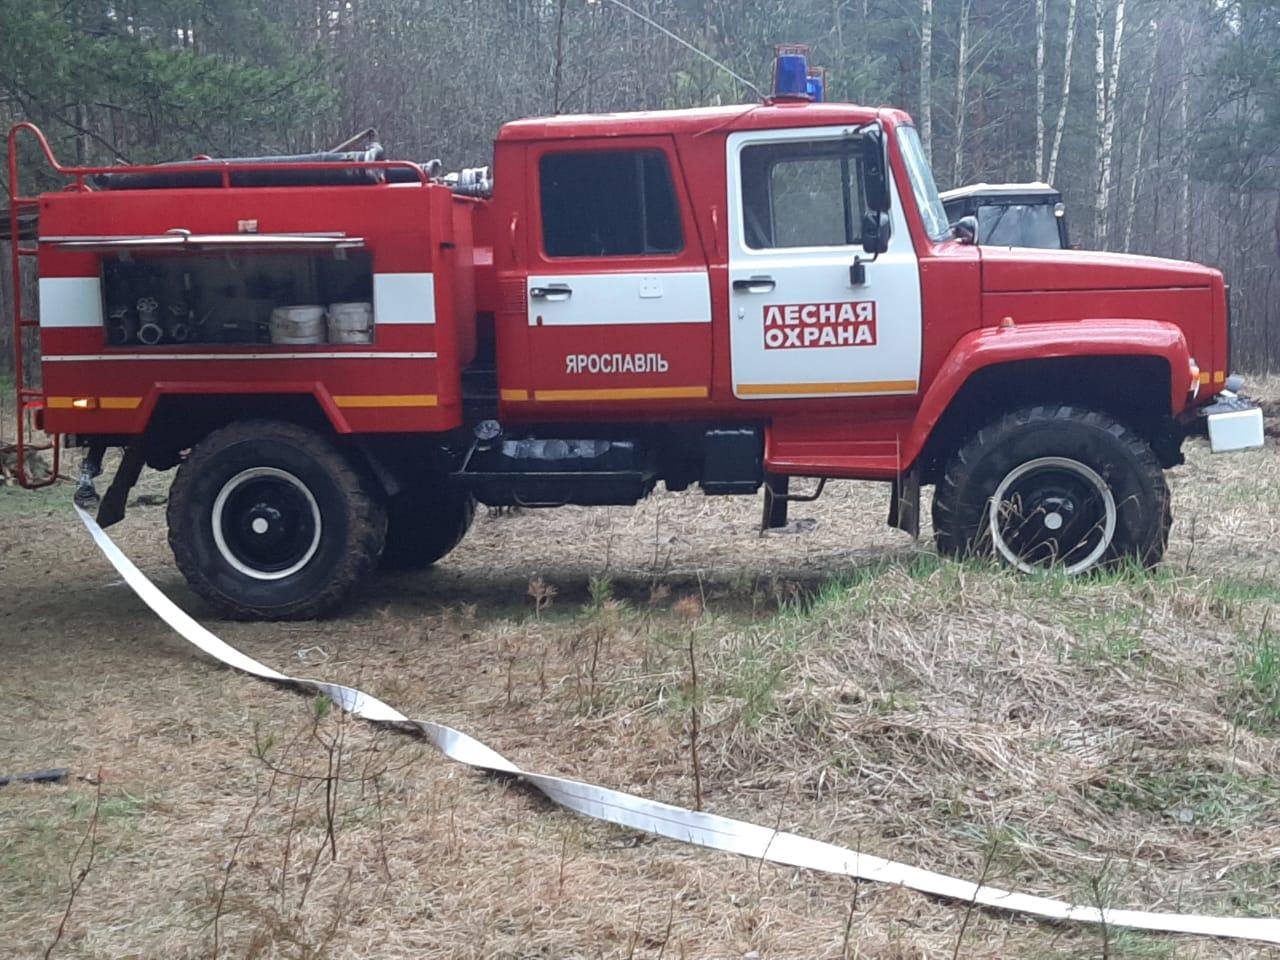 Более 800 км минерализованных полос будет создано в Ярославской области для защиты лесов от пожаров